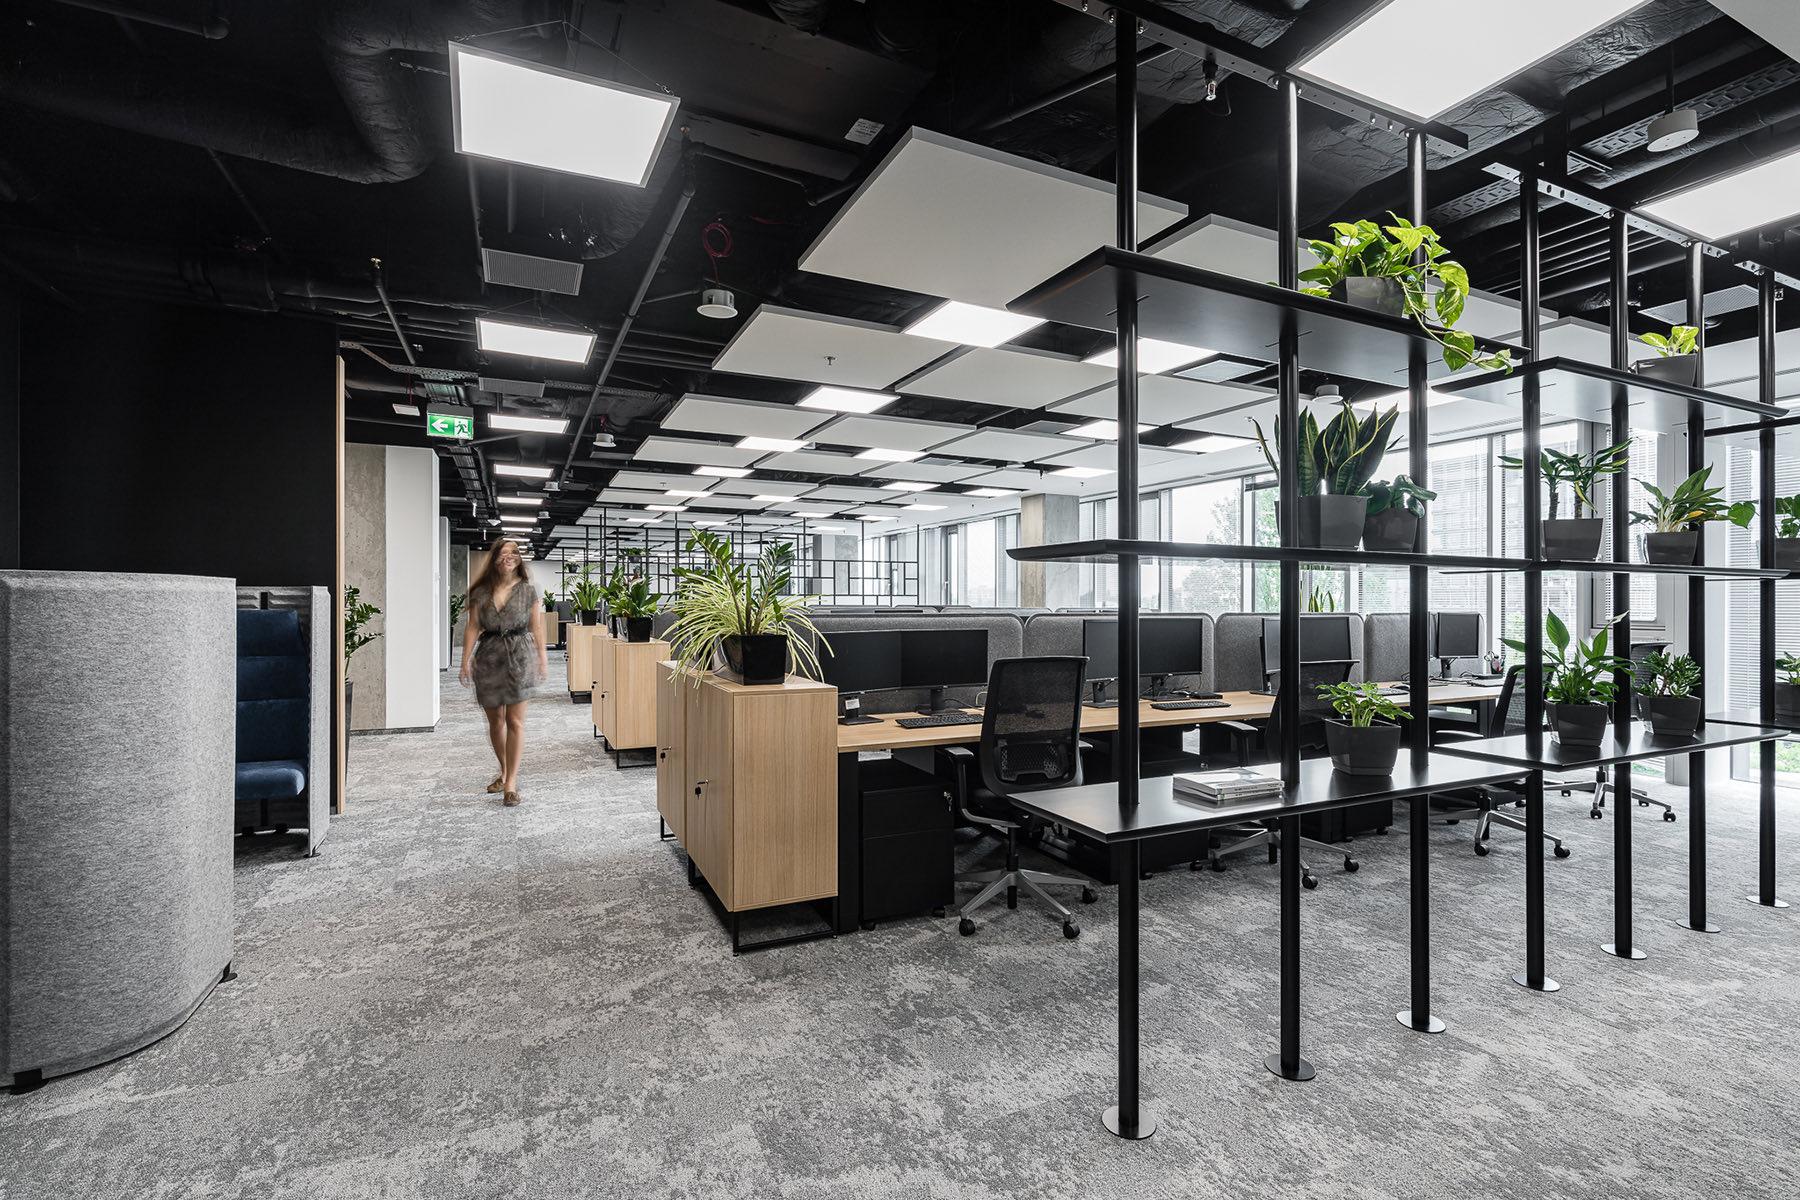 chep-polska-office-11